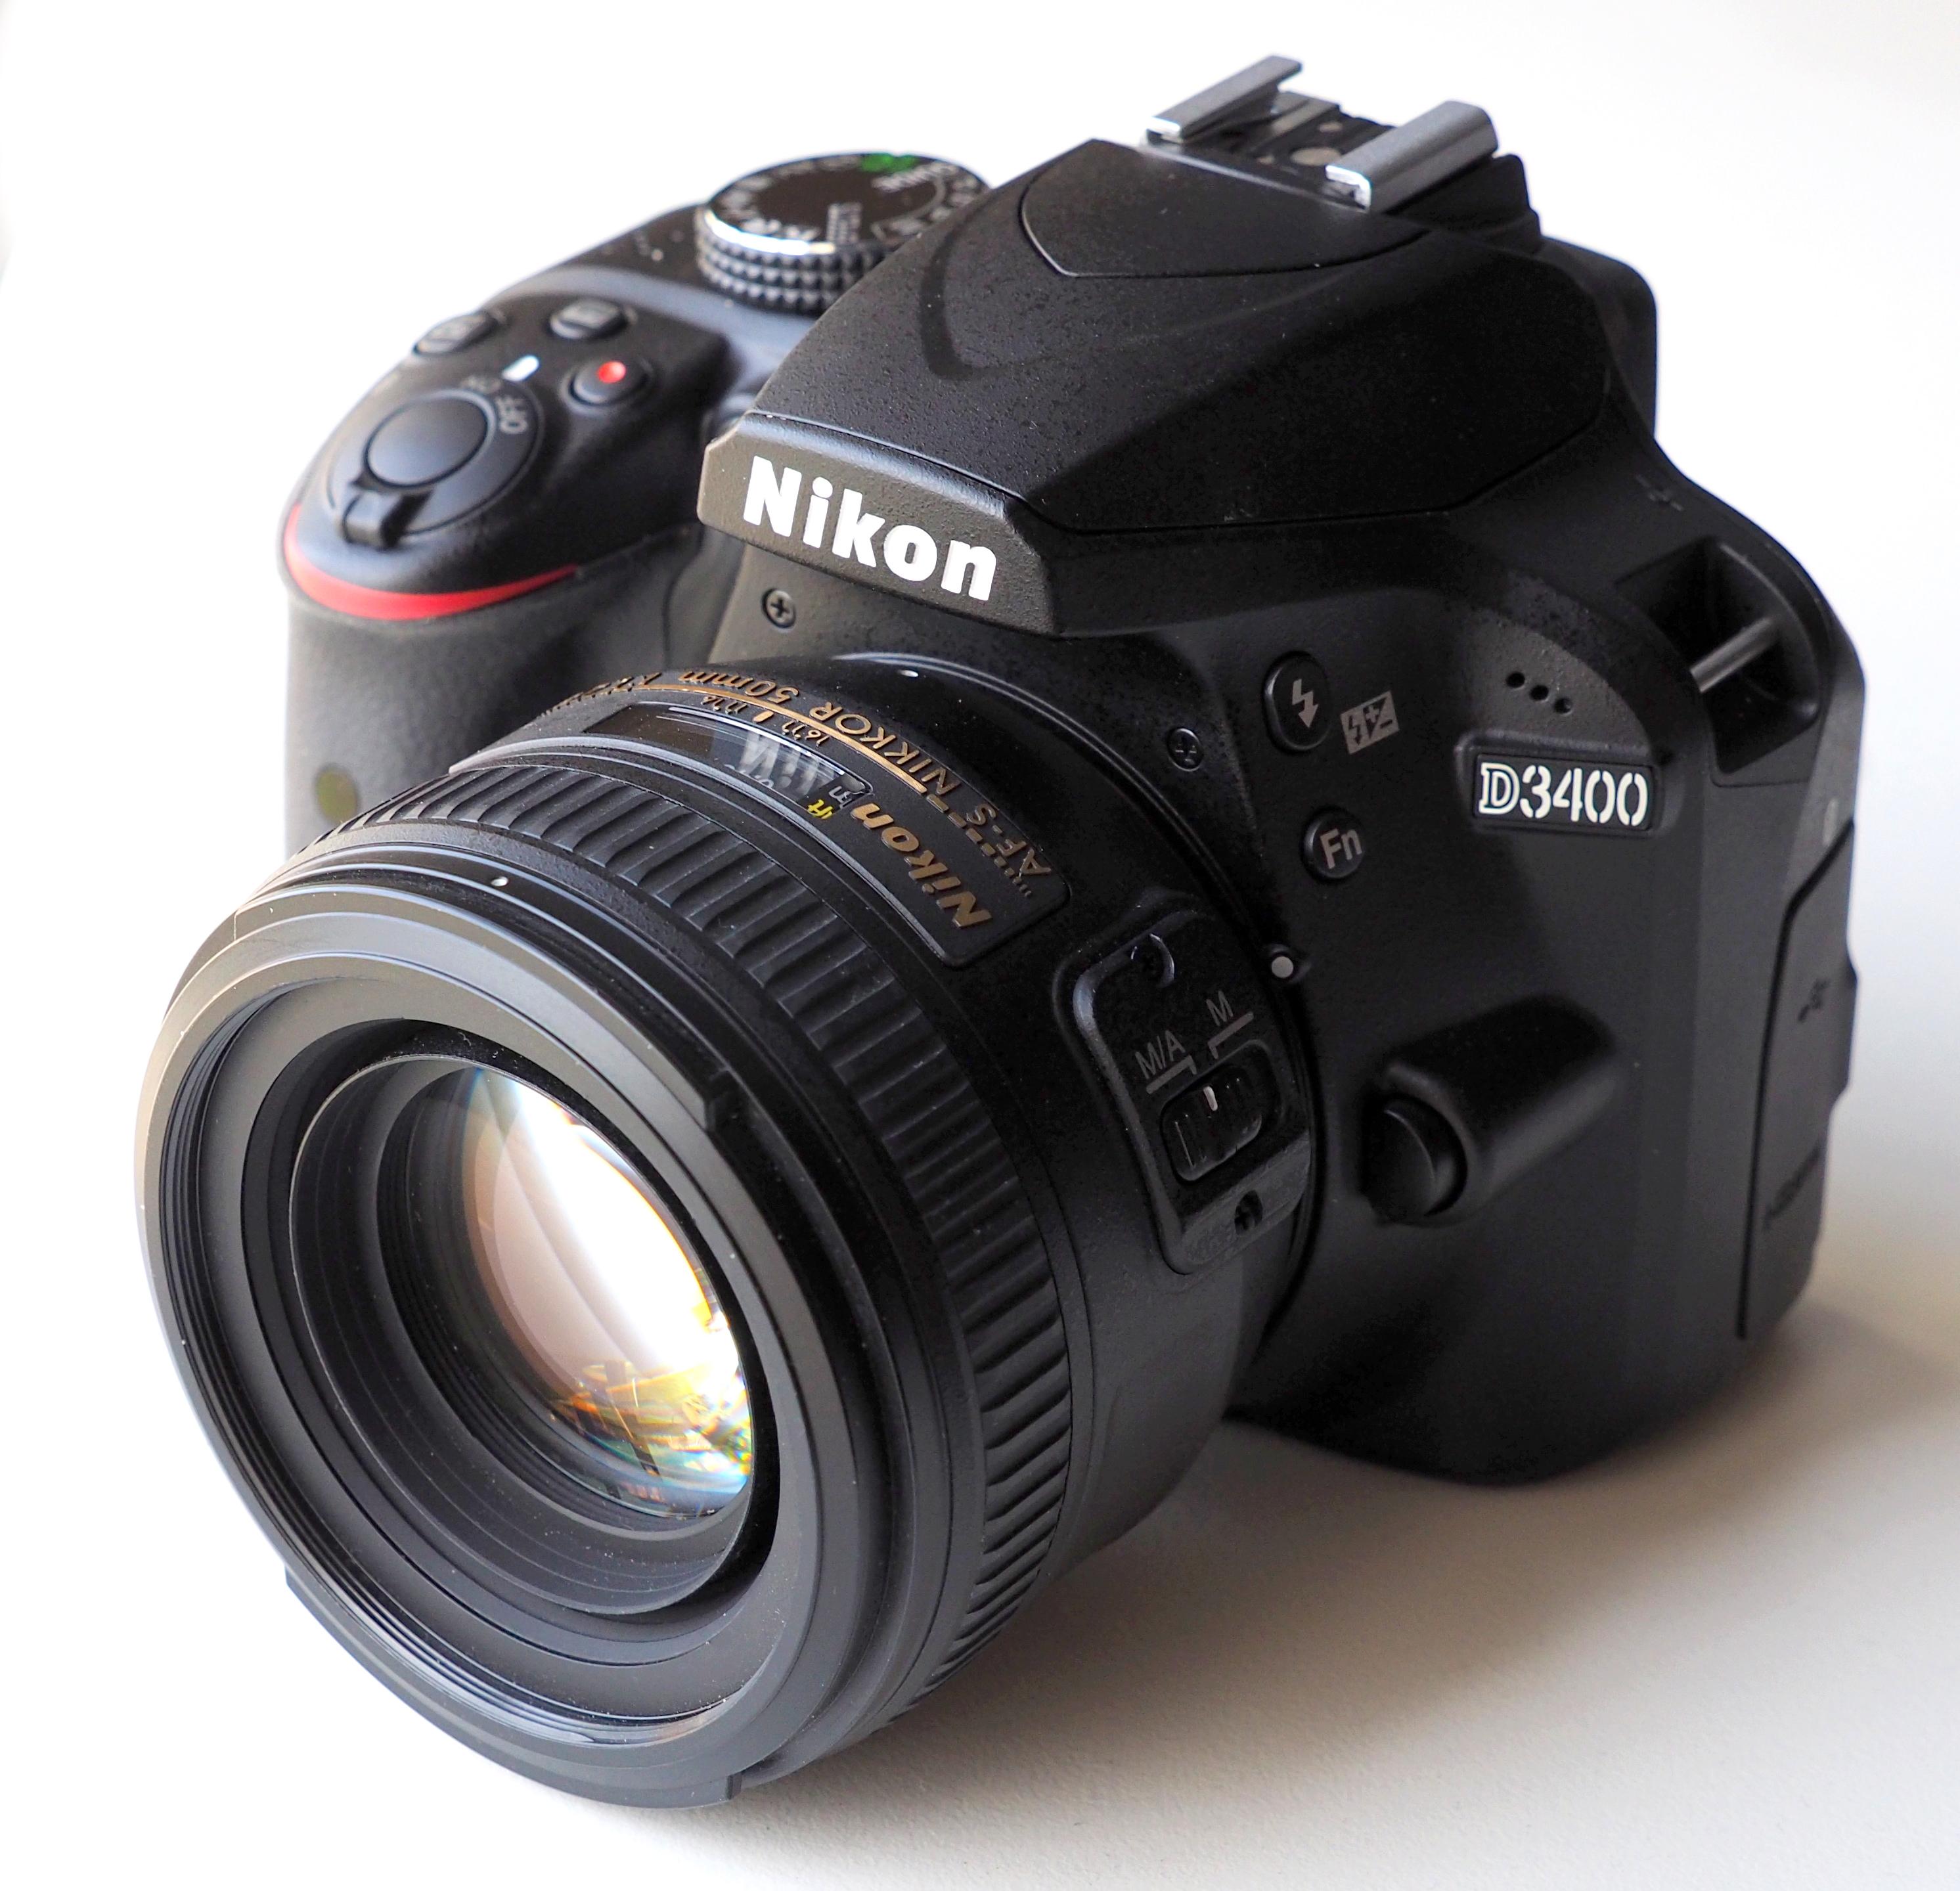 Nikon D3400 DSLR Sample Photos